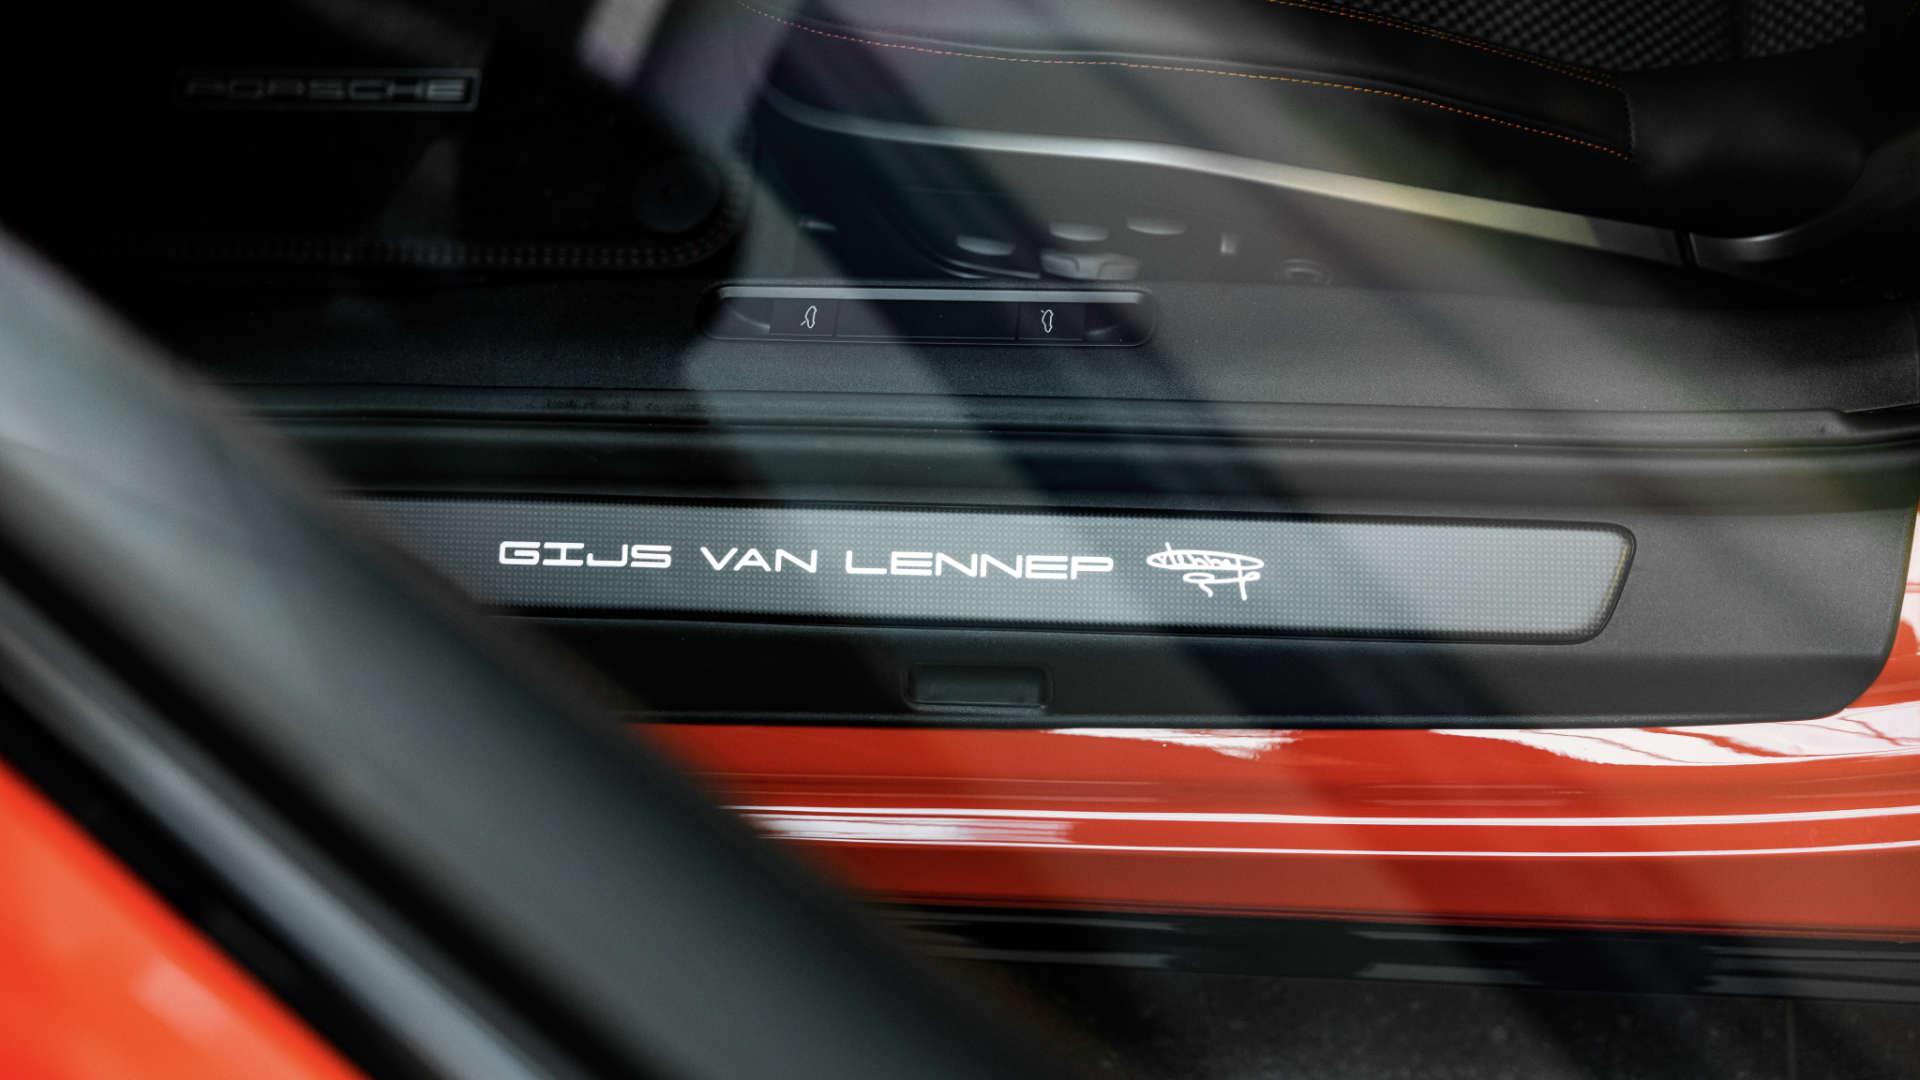 Gijs van Lennep Schriftzug Porsche 911